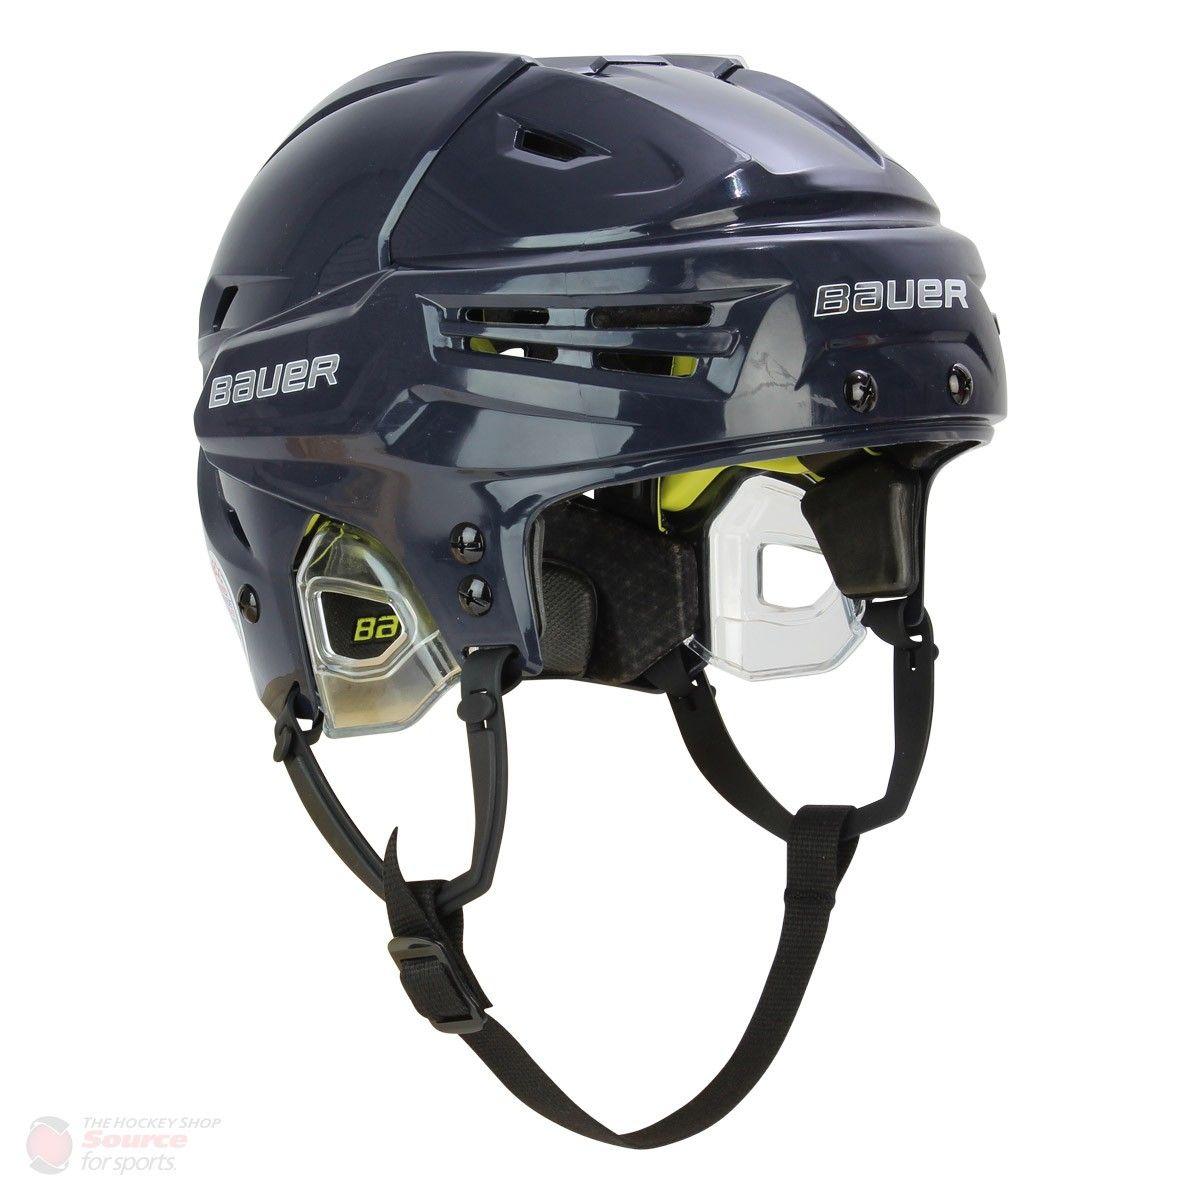 d96a4382f6b Bauer hockey helmet review jpg 1200x1200 Bauer 7500 helmet